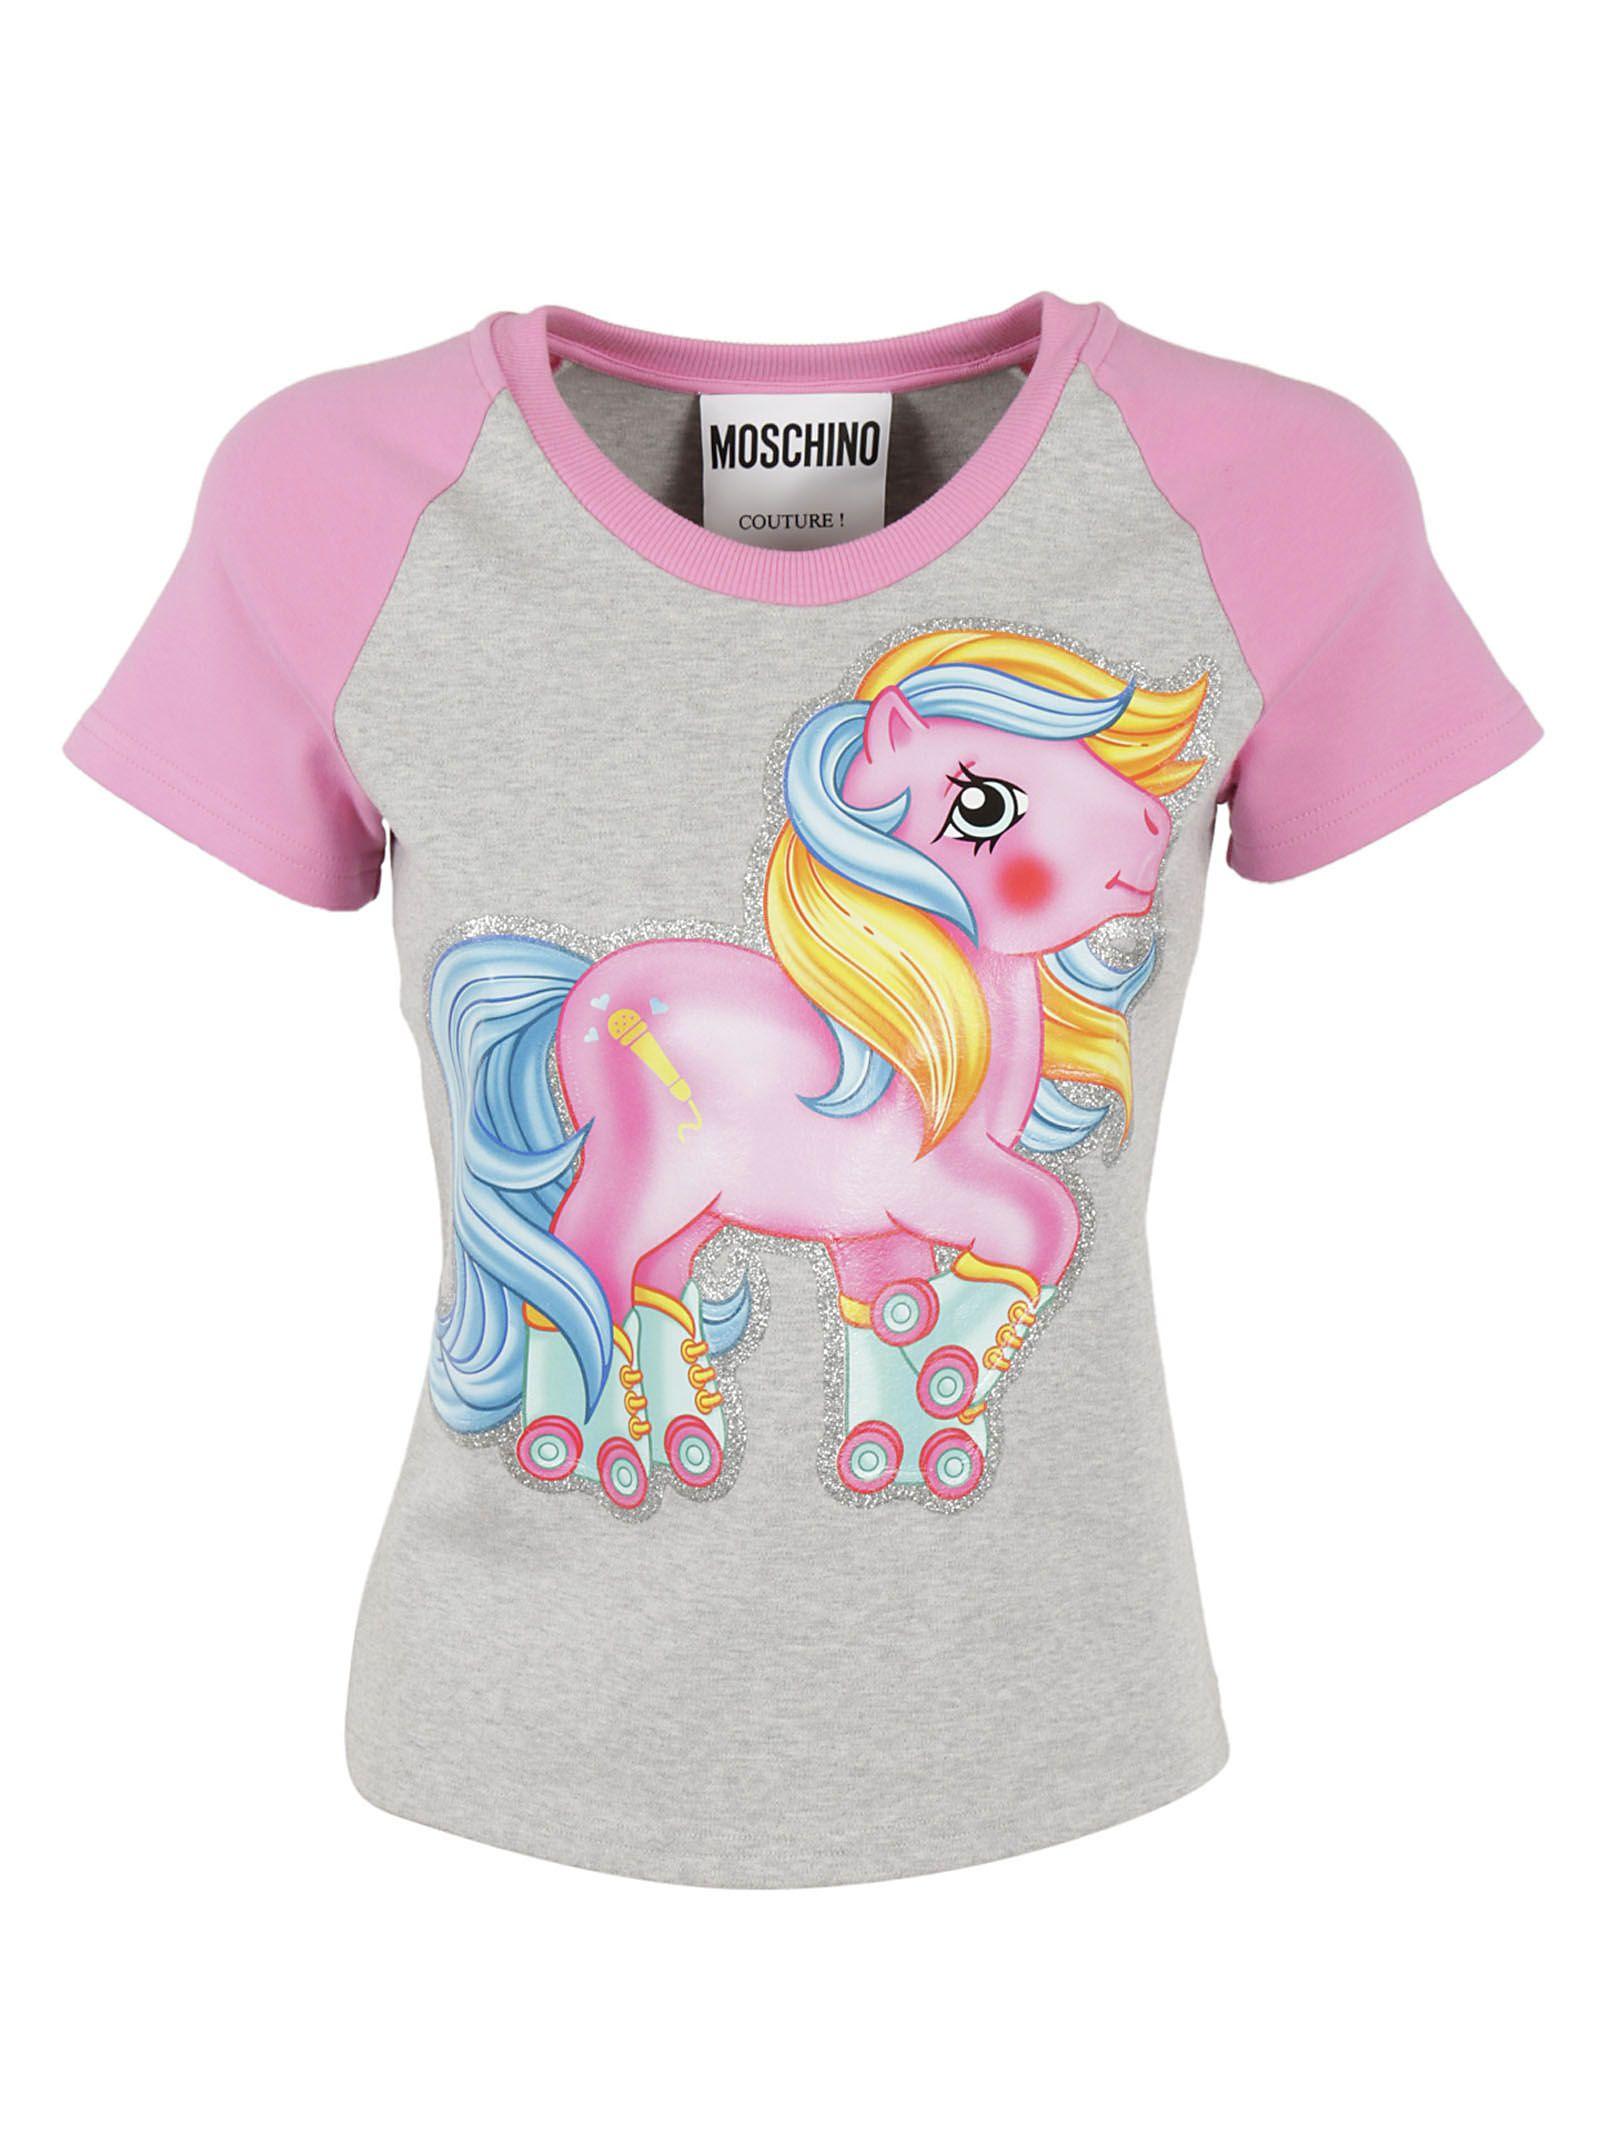 Moschino My Little Pony Varsity T-shirt